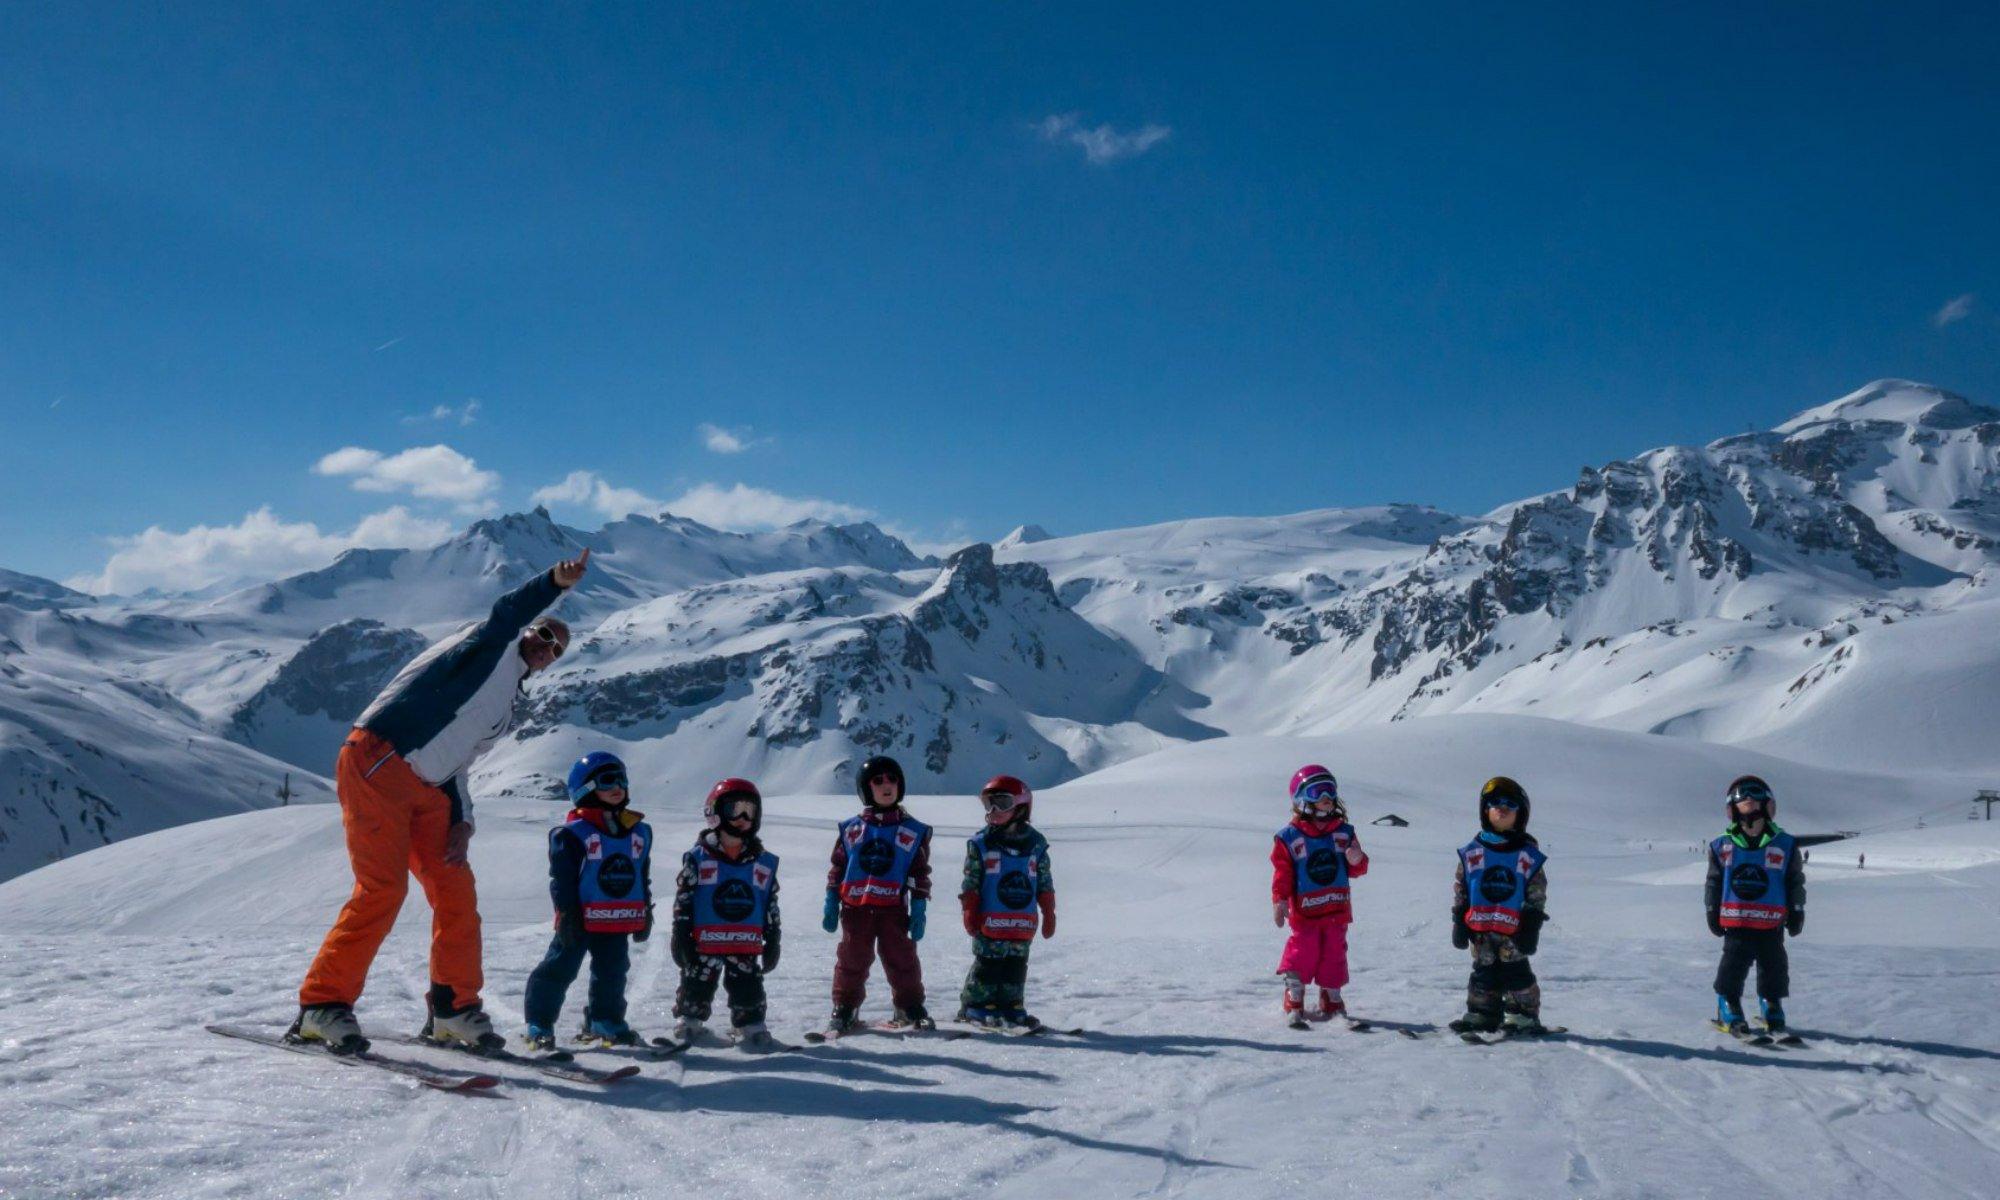 Un moniteur de ski et ses jeunes élèves sur une piste de ski.